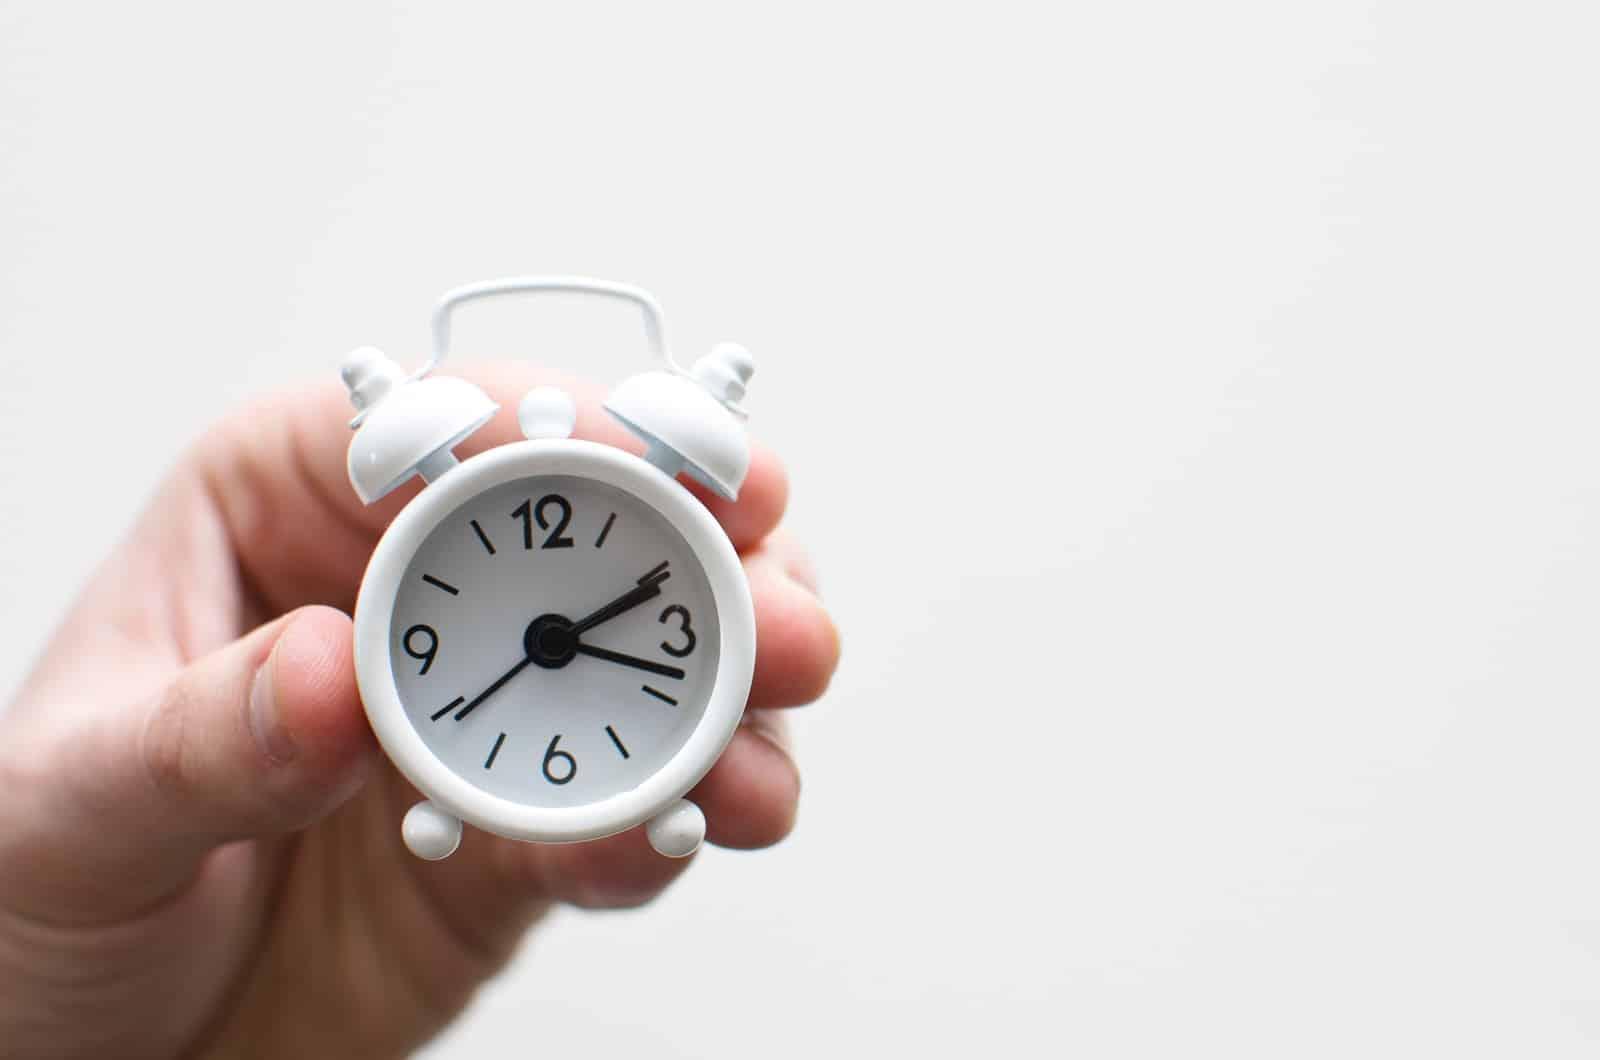 GEW-Umfrage: Lehrer wünschen sich mehr Zeit im Schulalltag